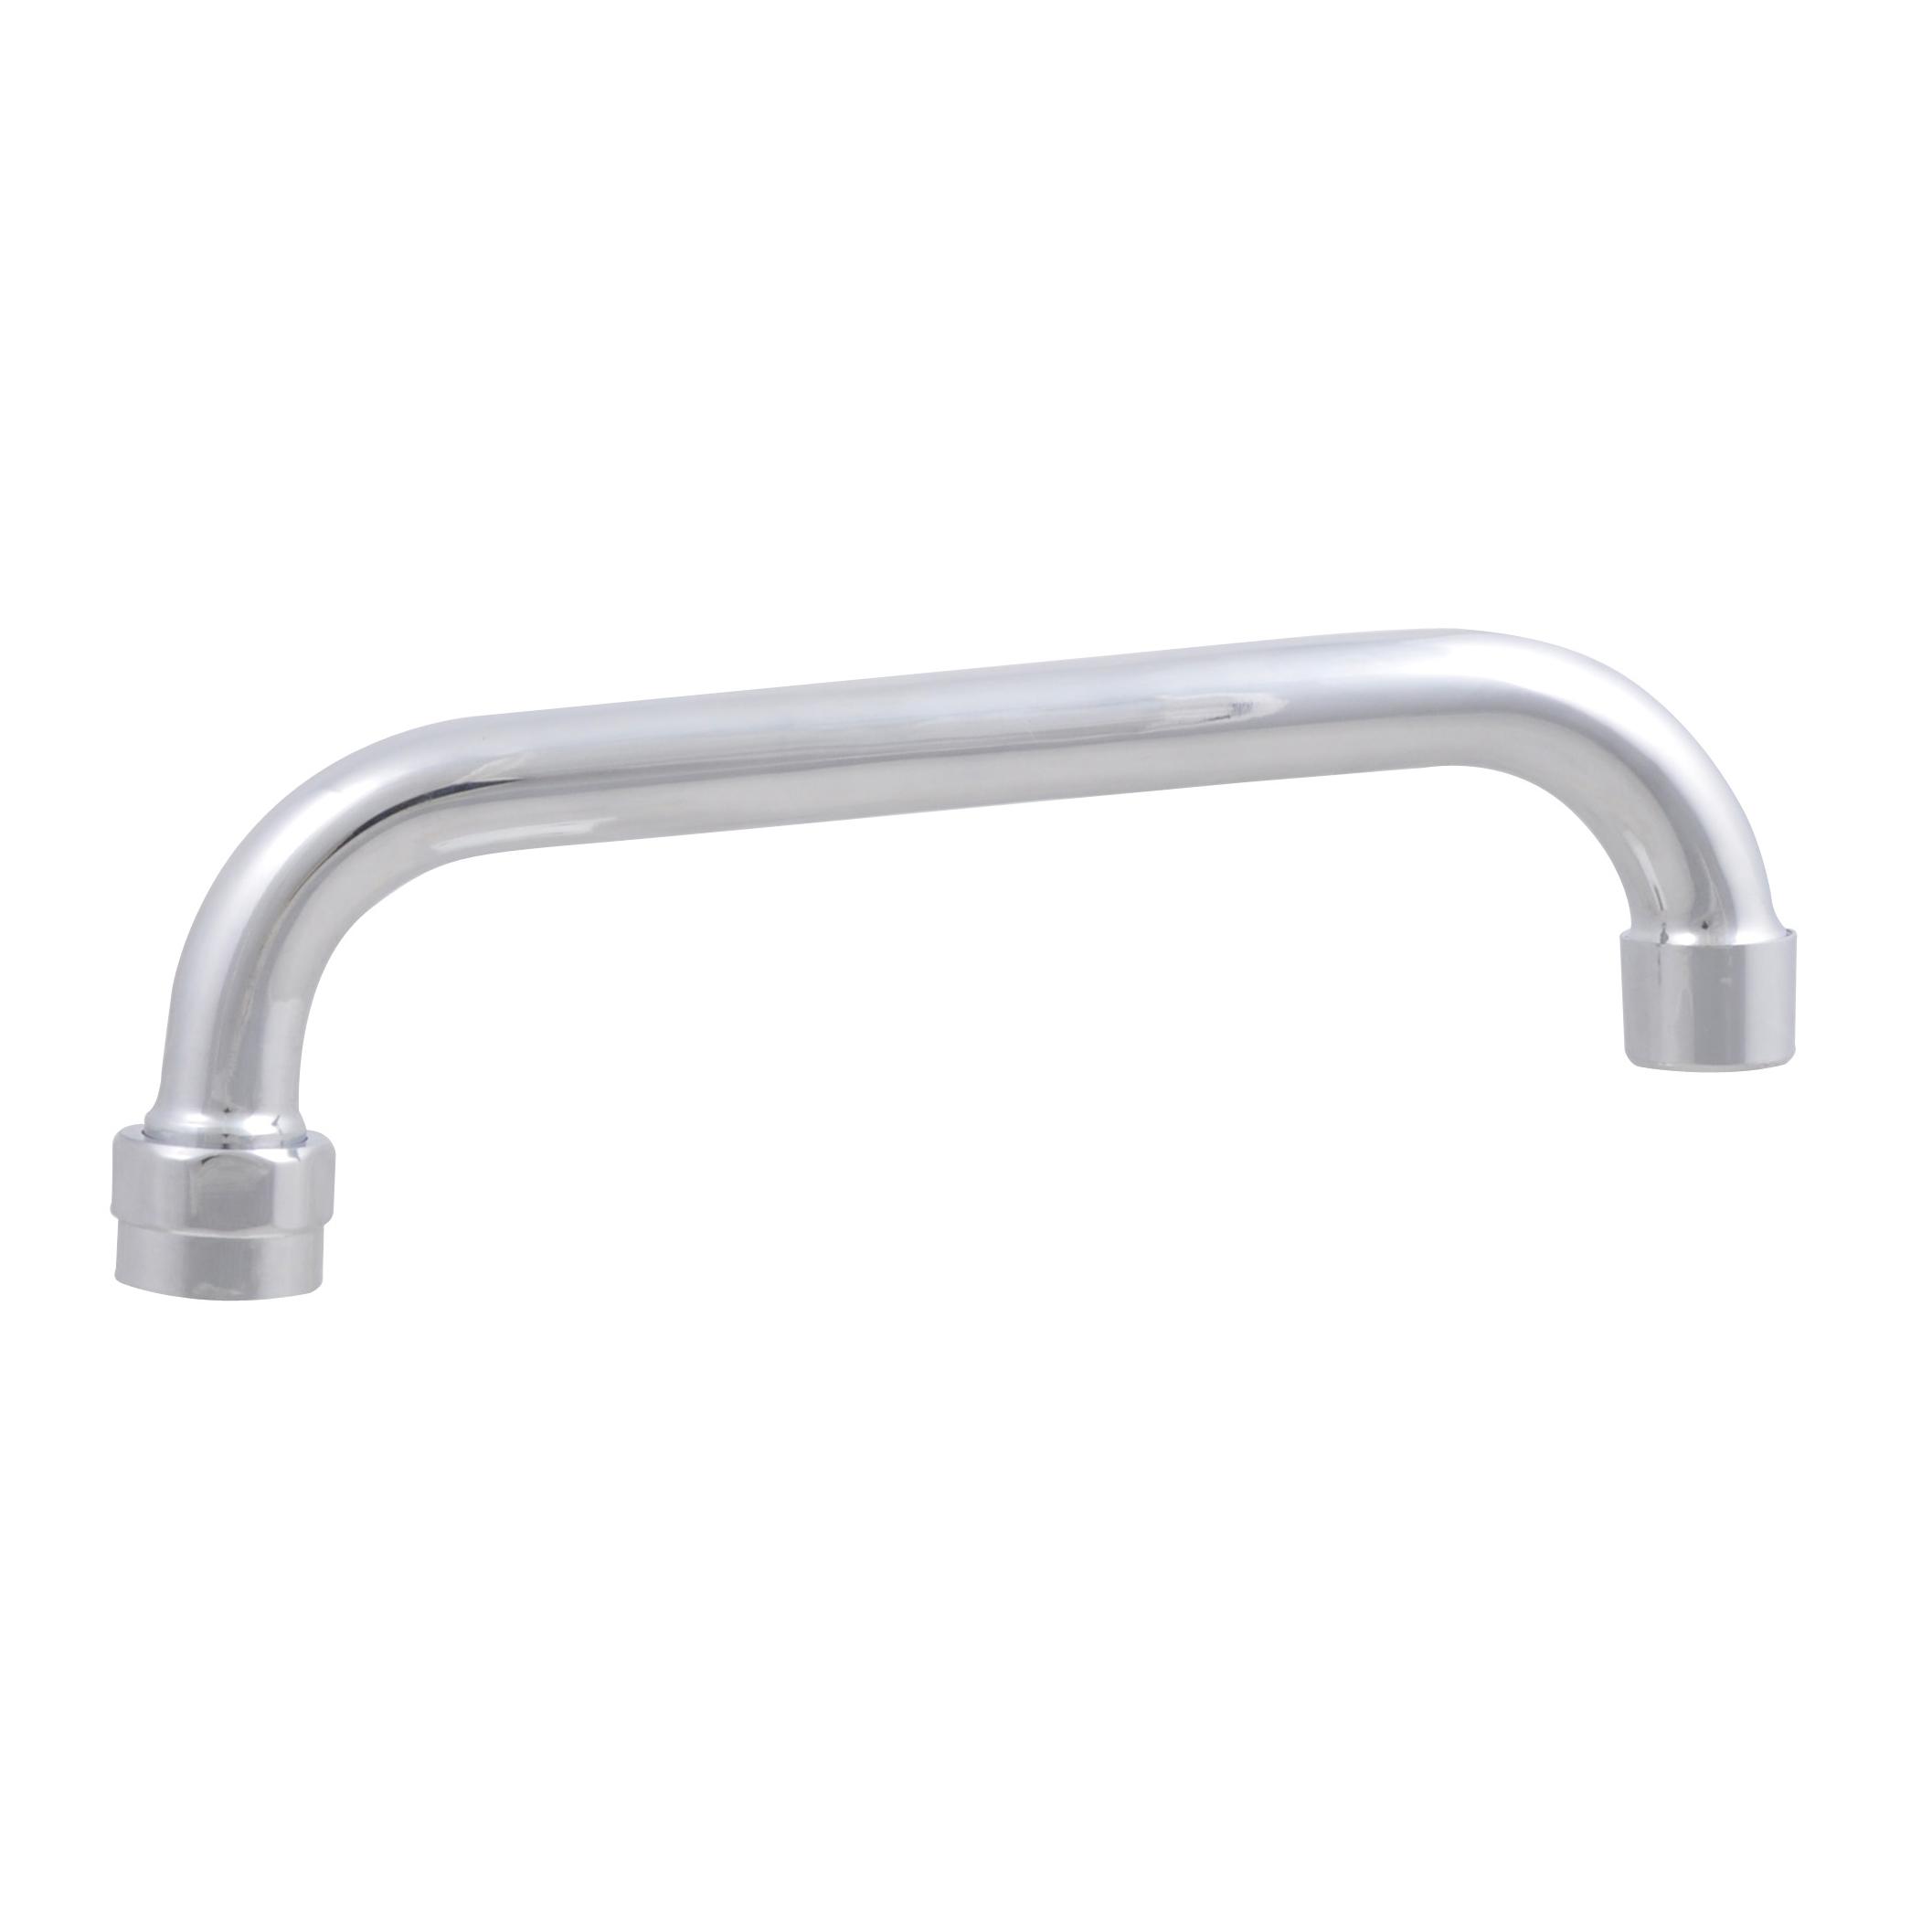 BK Resources BKF-HSPT-8-G faucet, spout / nozzle